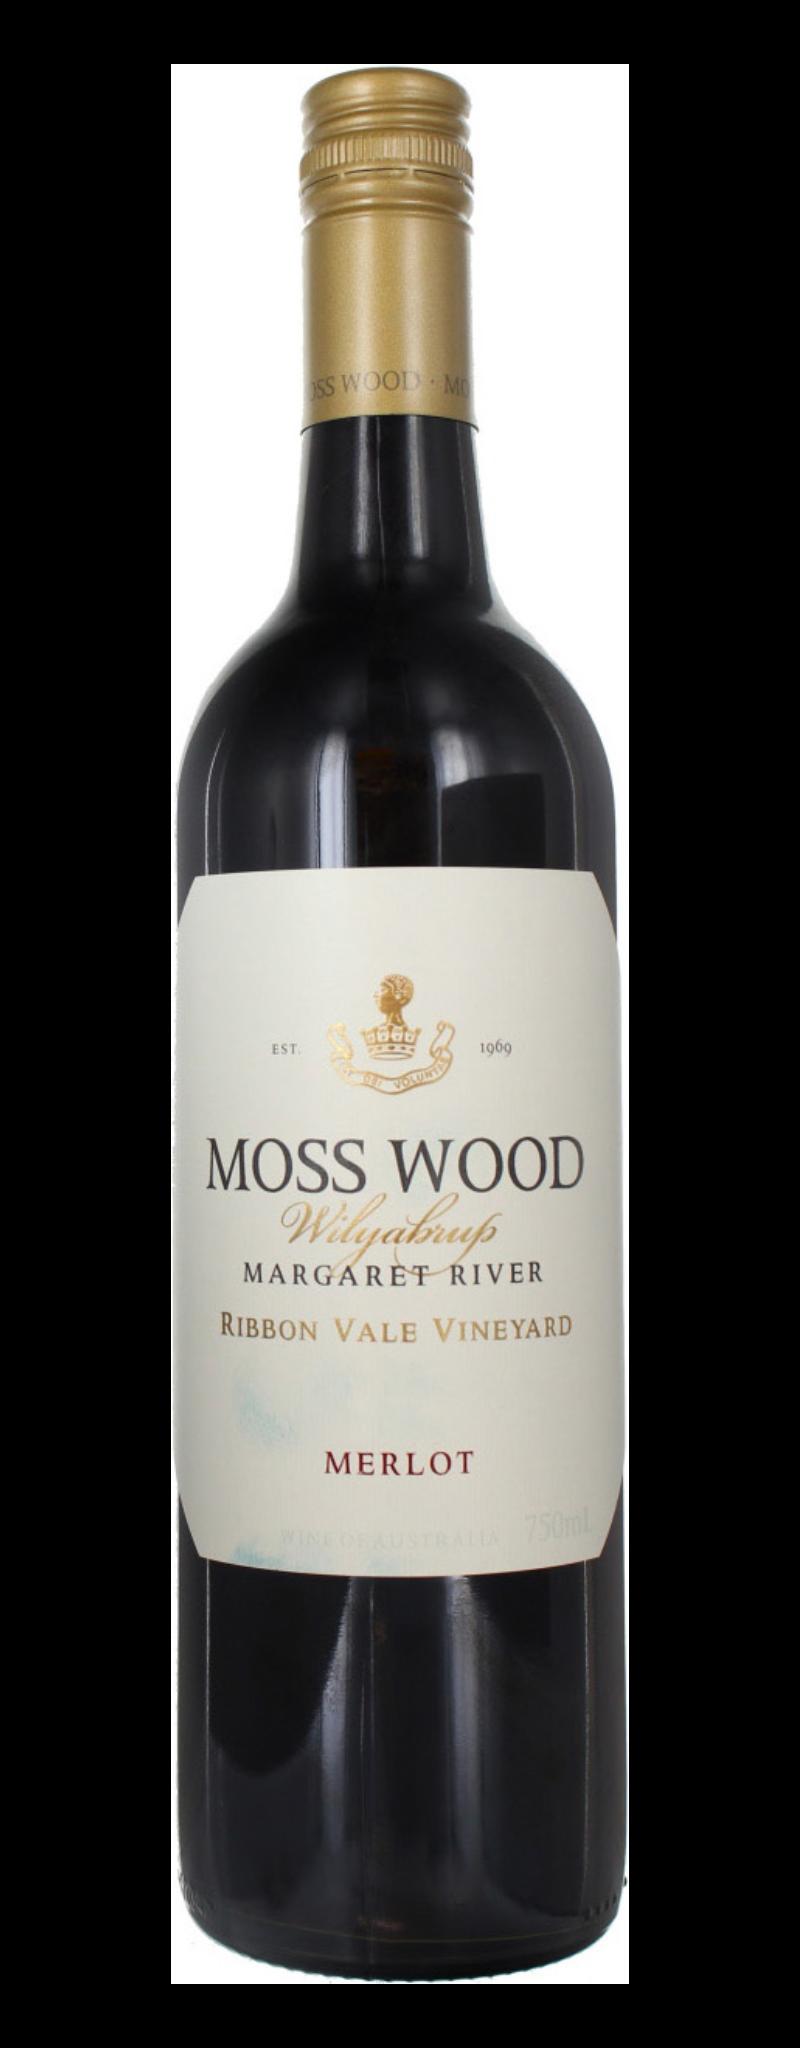 Moss Wood, Merlot, Ribbon Vale Vineyard, Margaret River  - 750ml